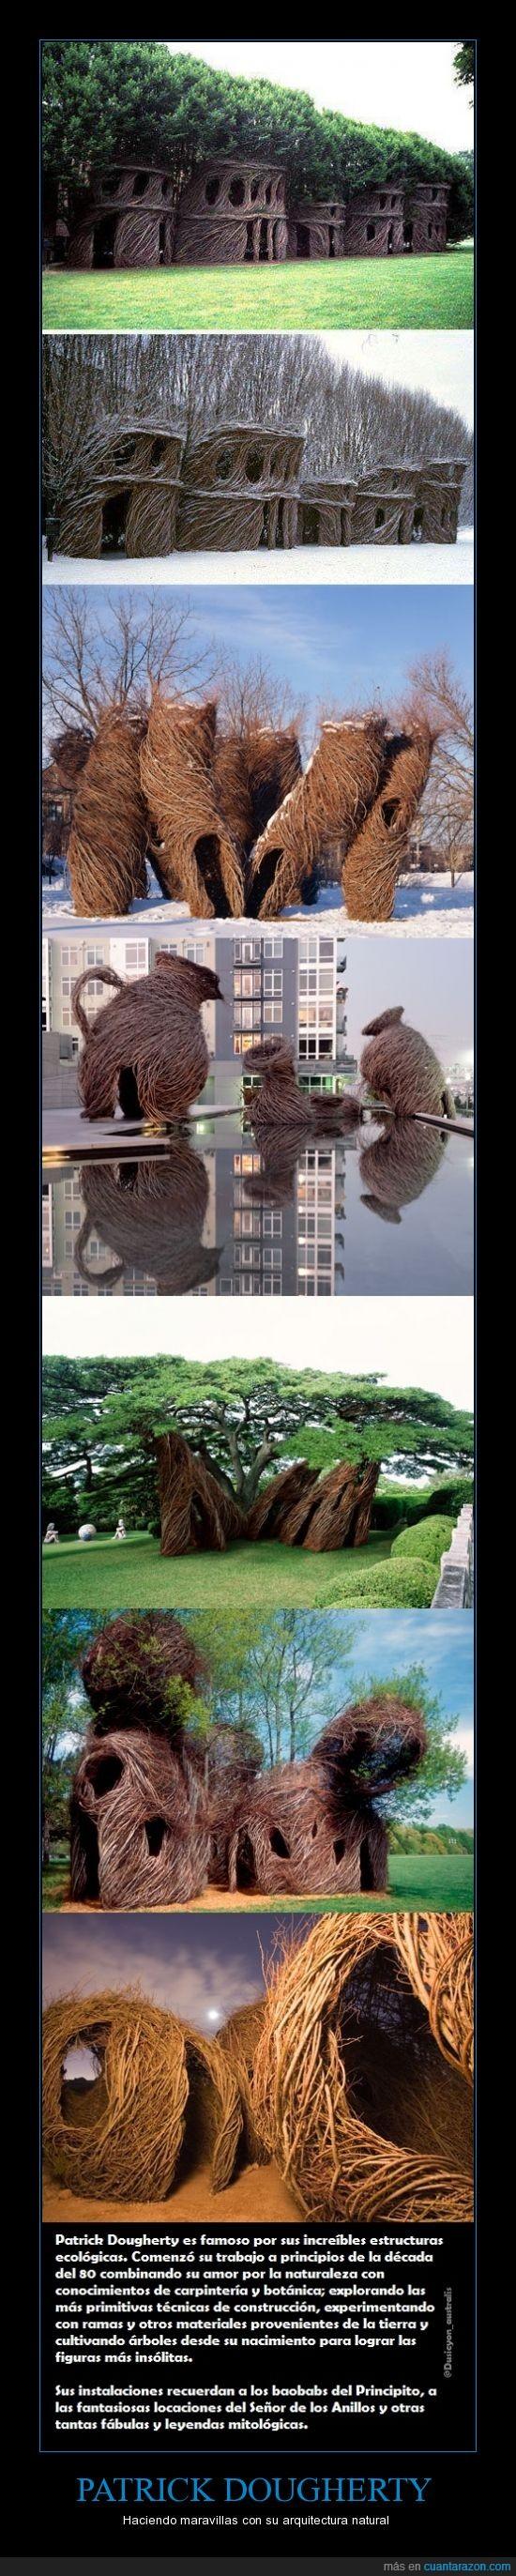 arquitectura natural,el principito,Patrick Dougherty,Señor de los Anillos